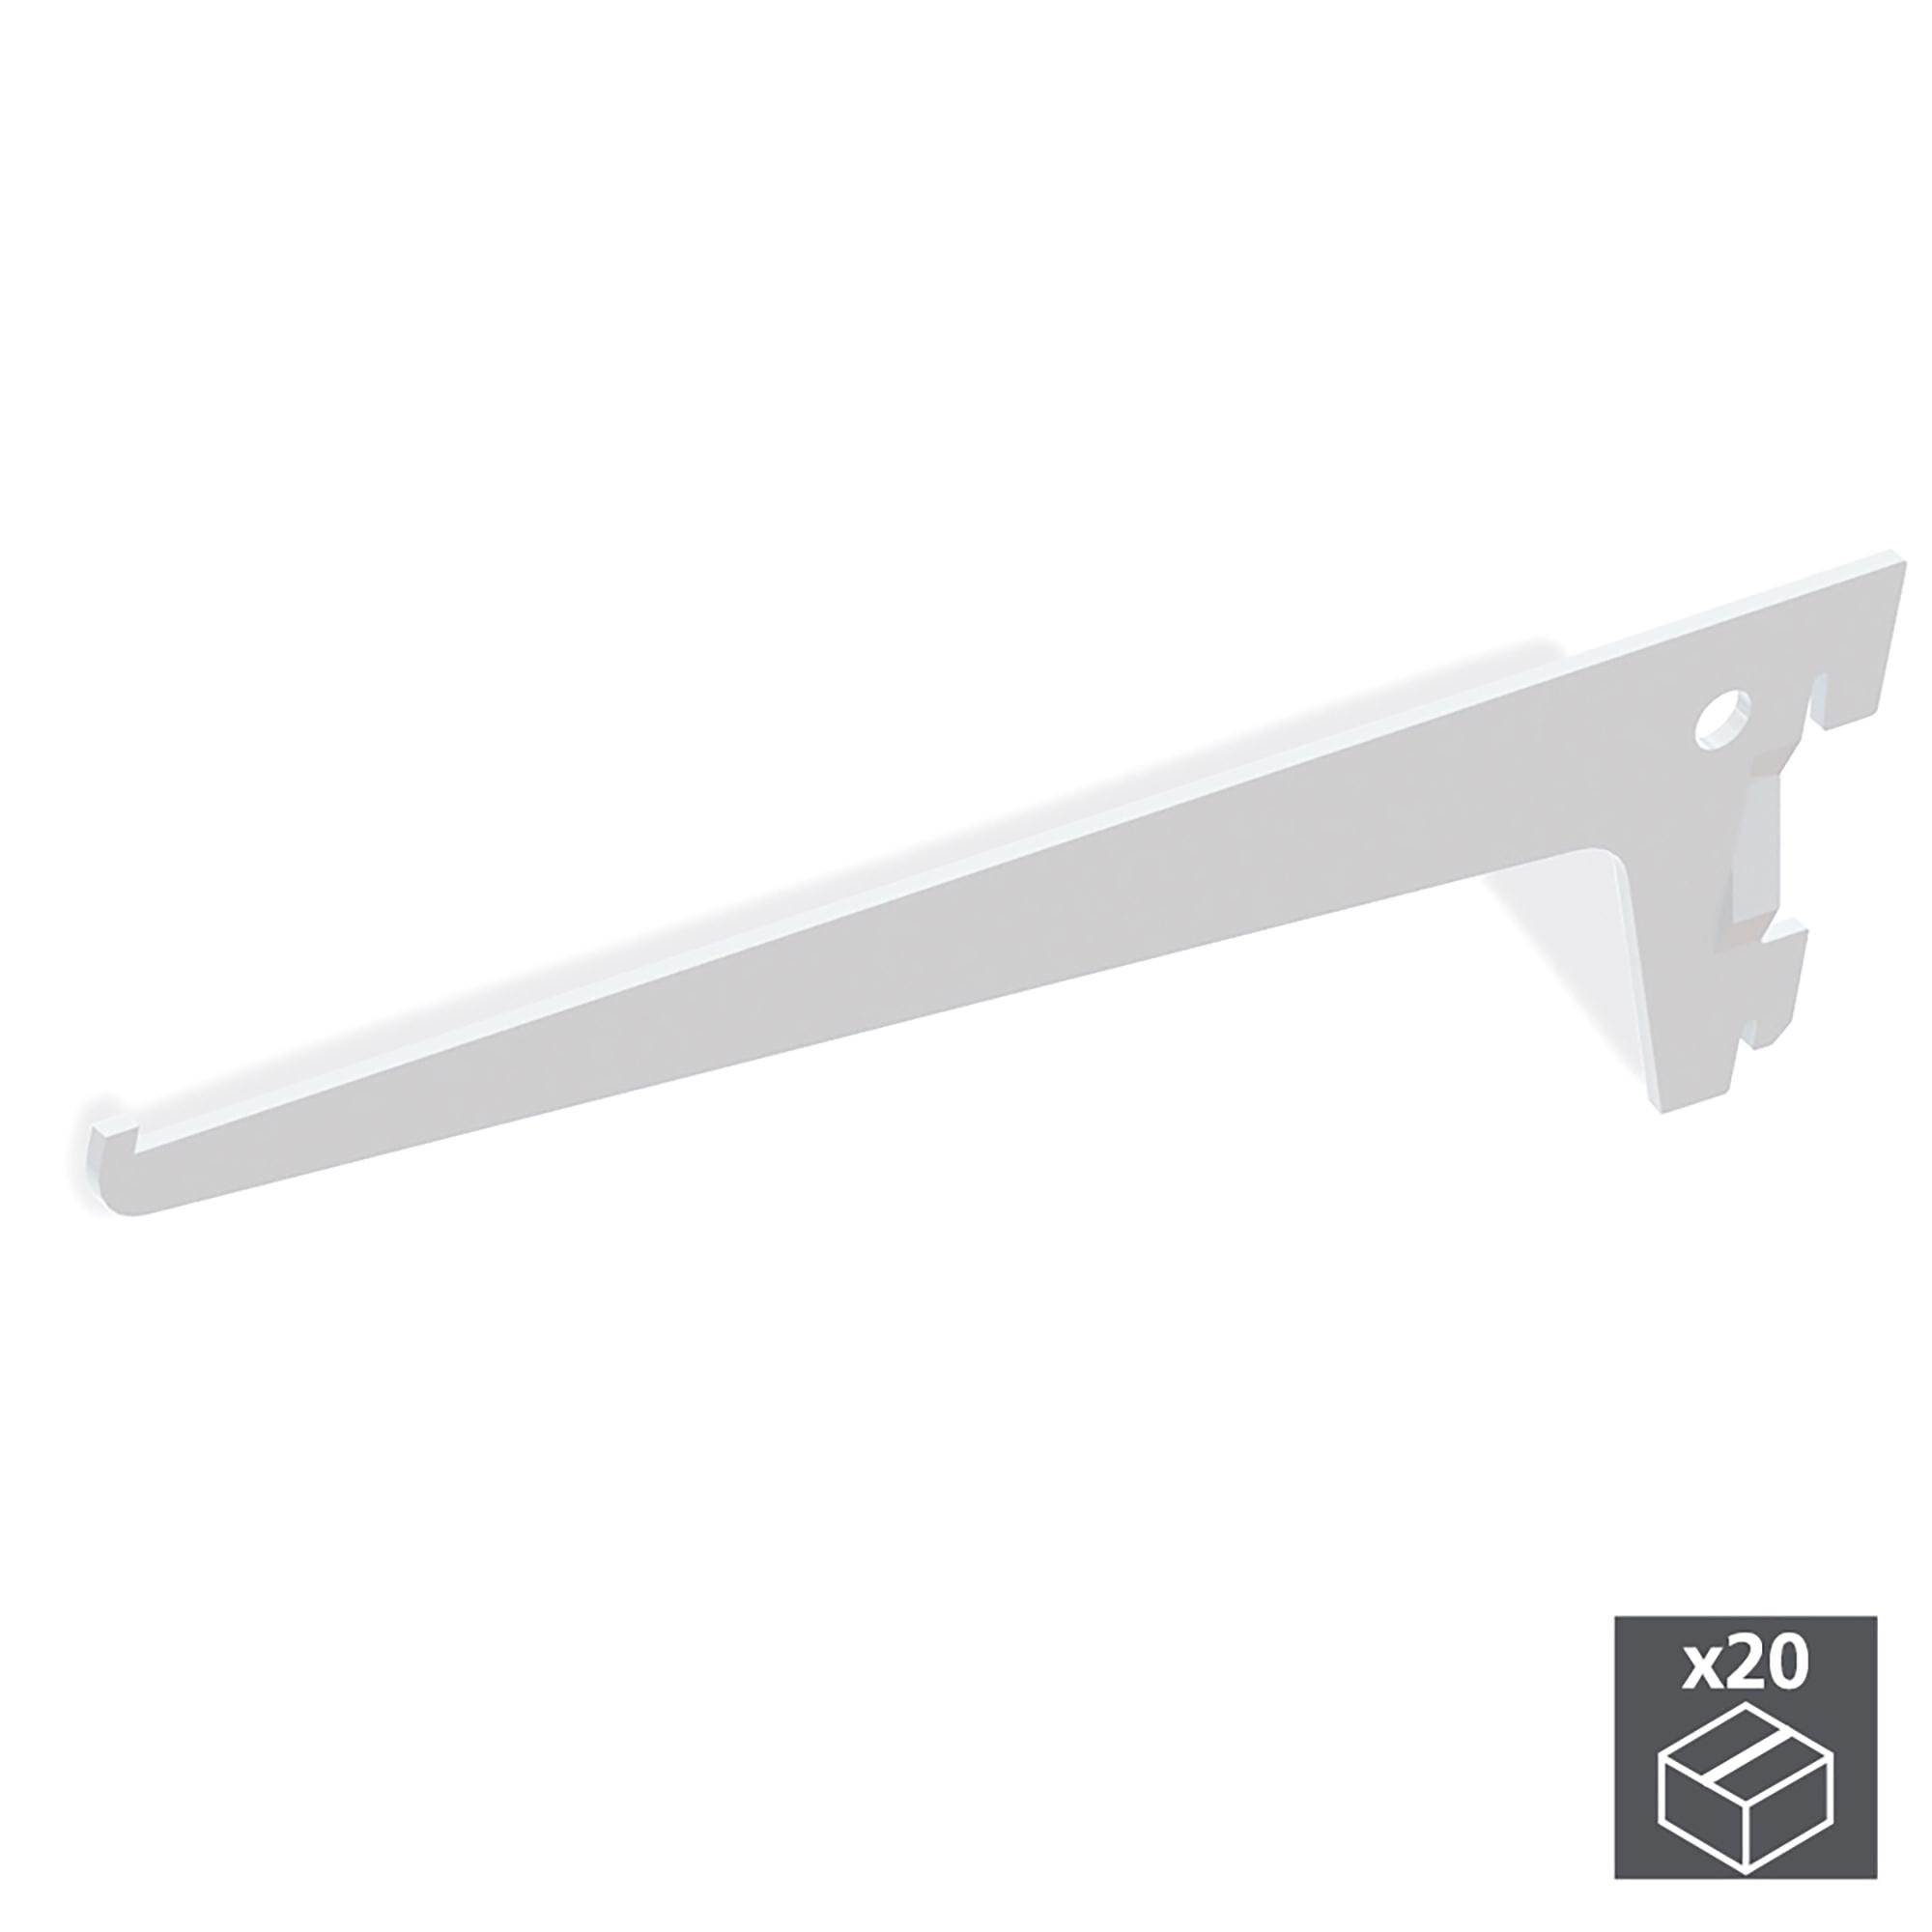 Emuca Supporto per ripiano di legno/vetro, profilo a passo 50 mm, 400 mm, Acciaio, Bianco, 20 u.